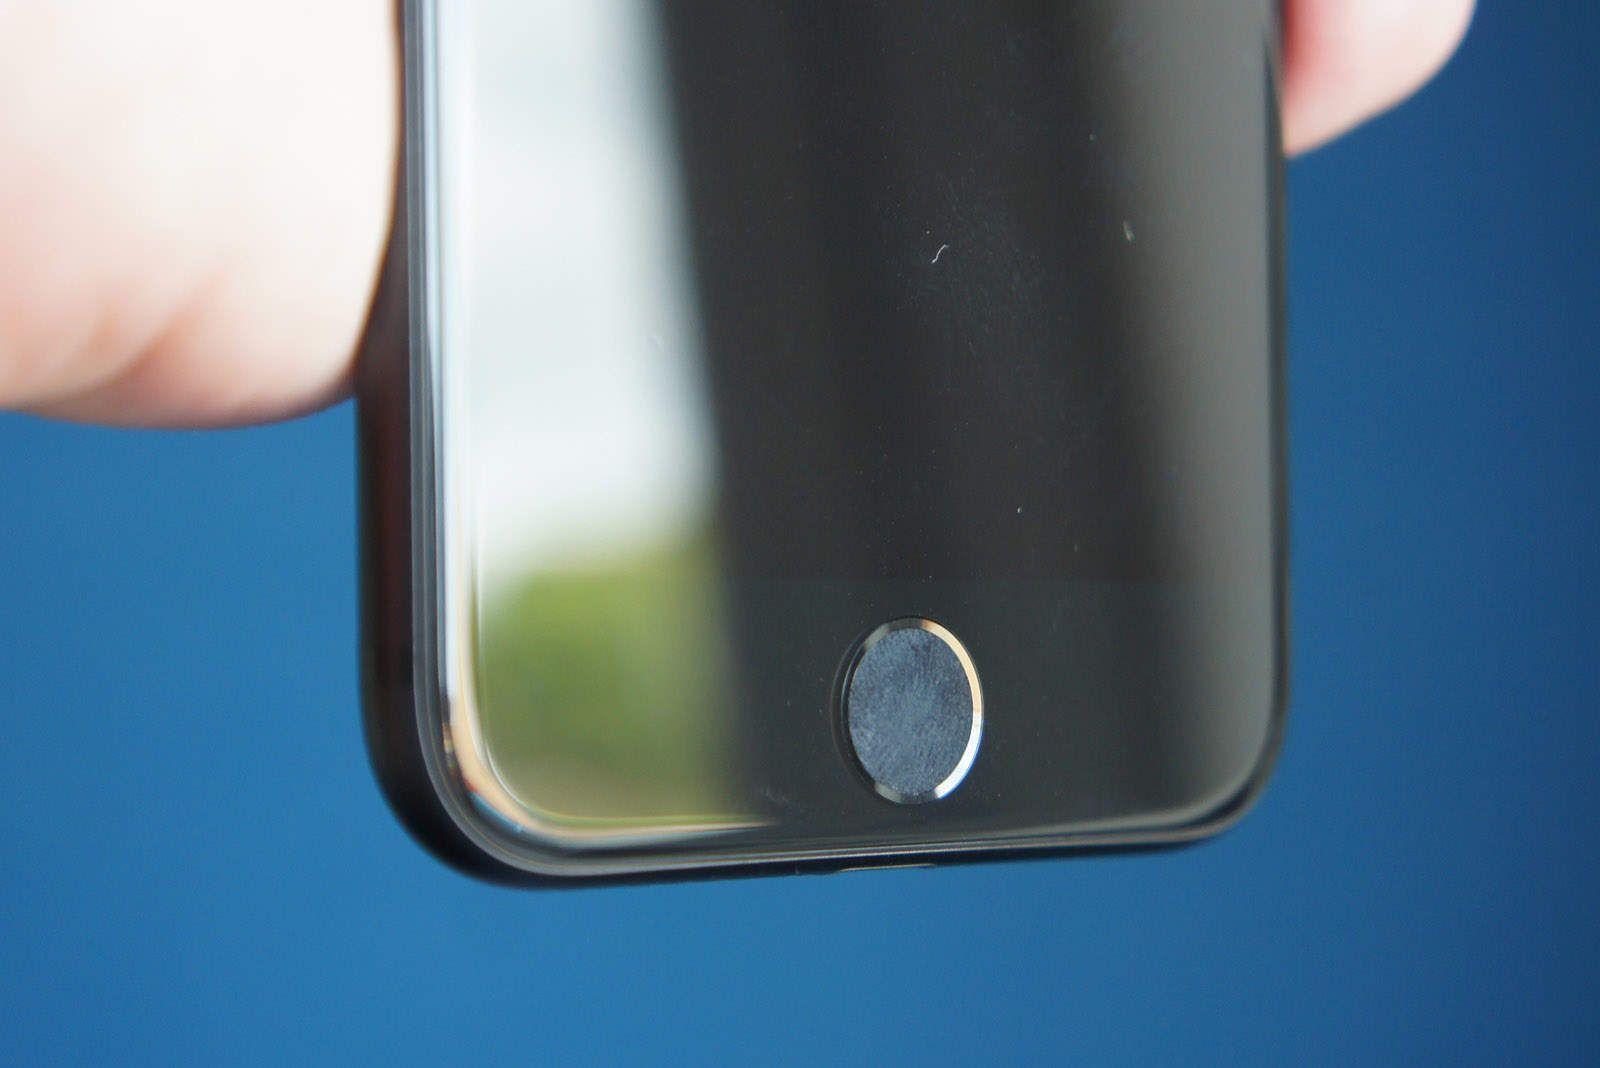 Botão home no iPhone SE